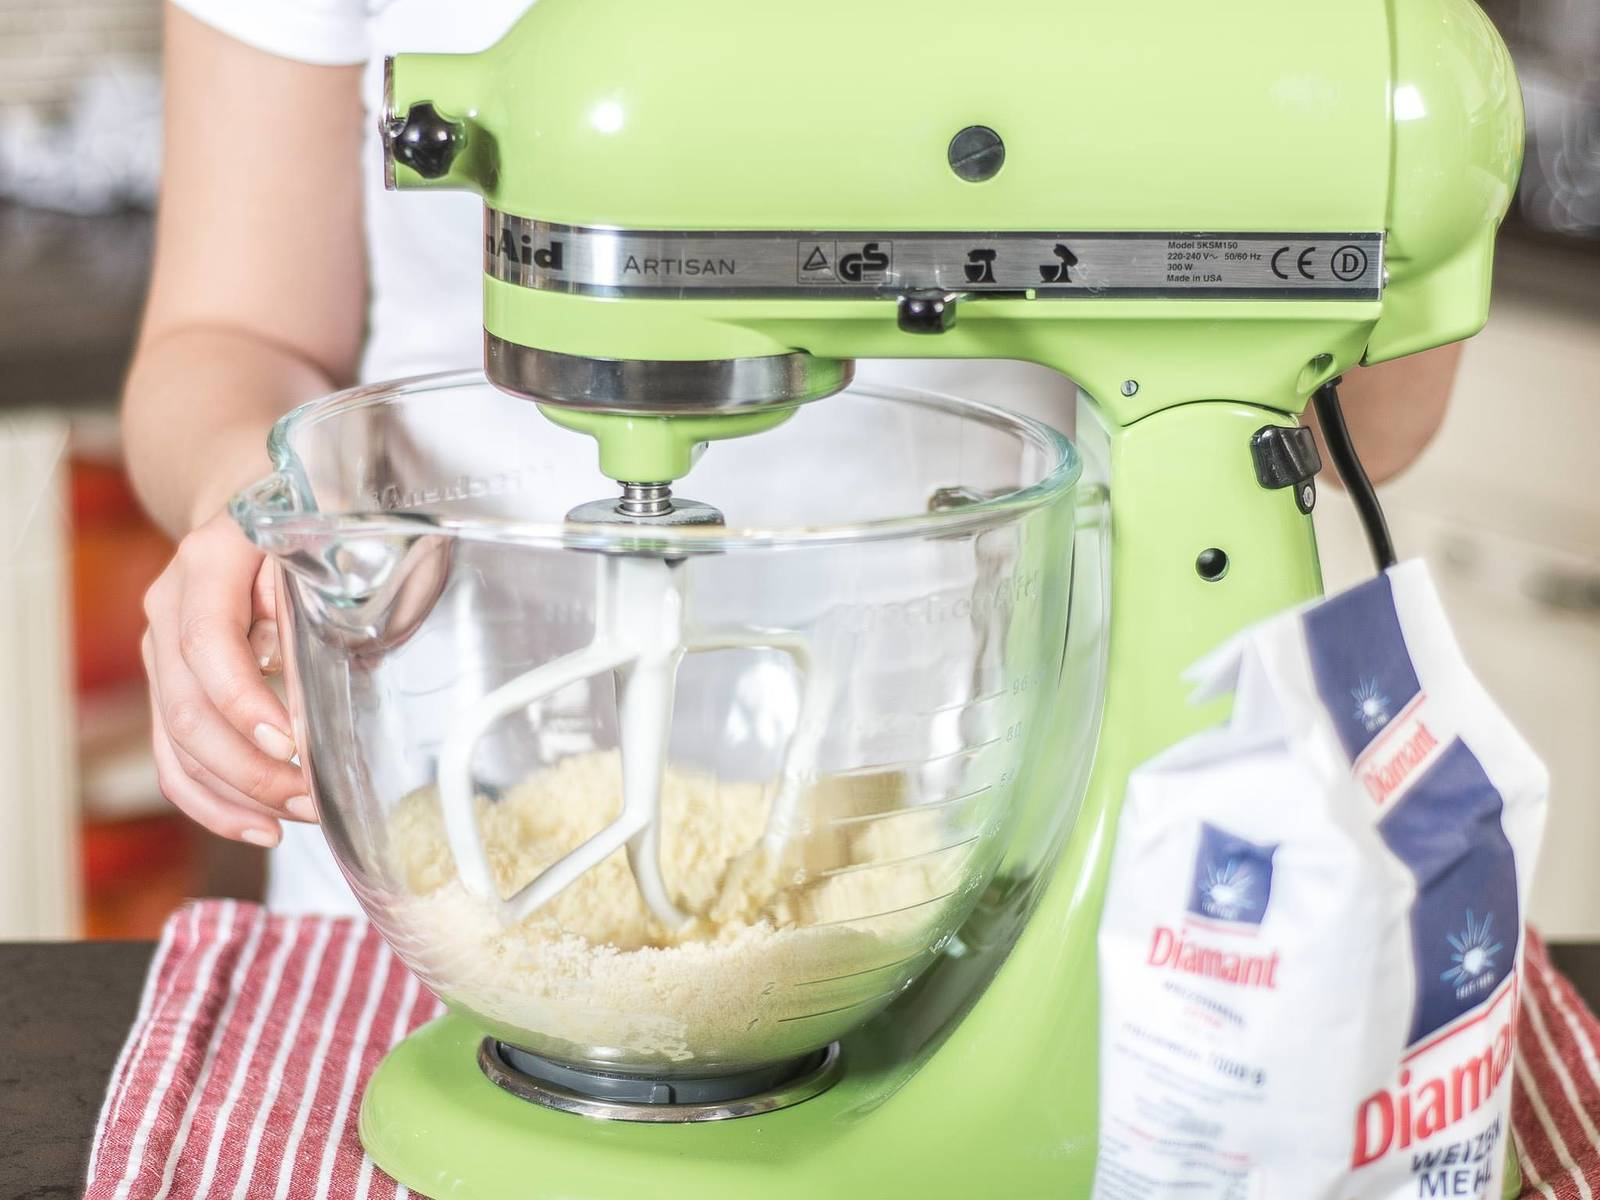 Backofen auf 160°C vorheizen. Für die Streusel kalte, gewürfelte Butter mit Mehl und einem Teil Zucker mit den Händen oder in einer Küchenmaschine zu einem bröseligen Teig verkneten.